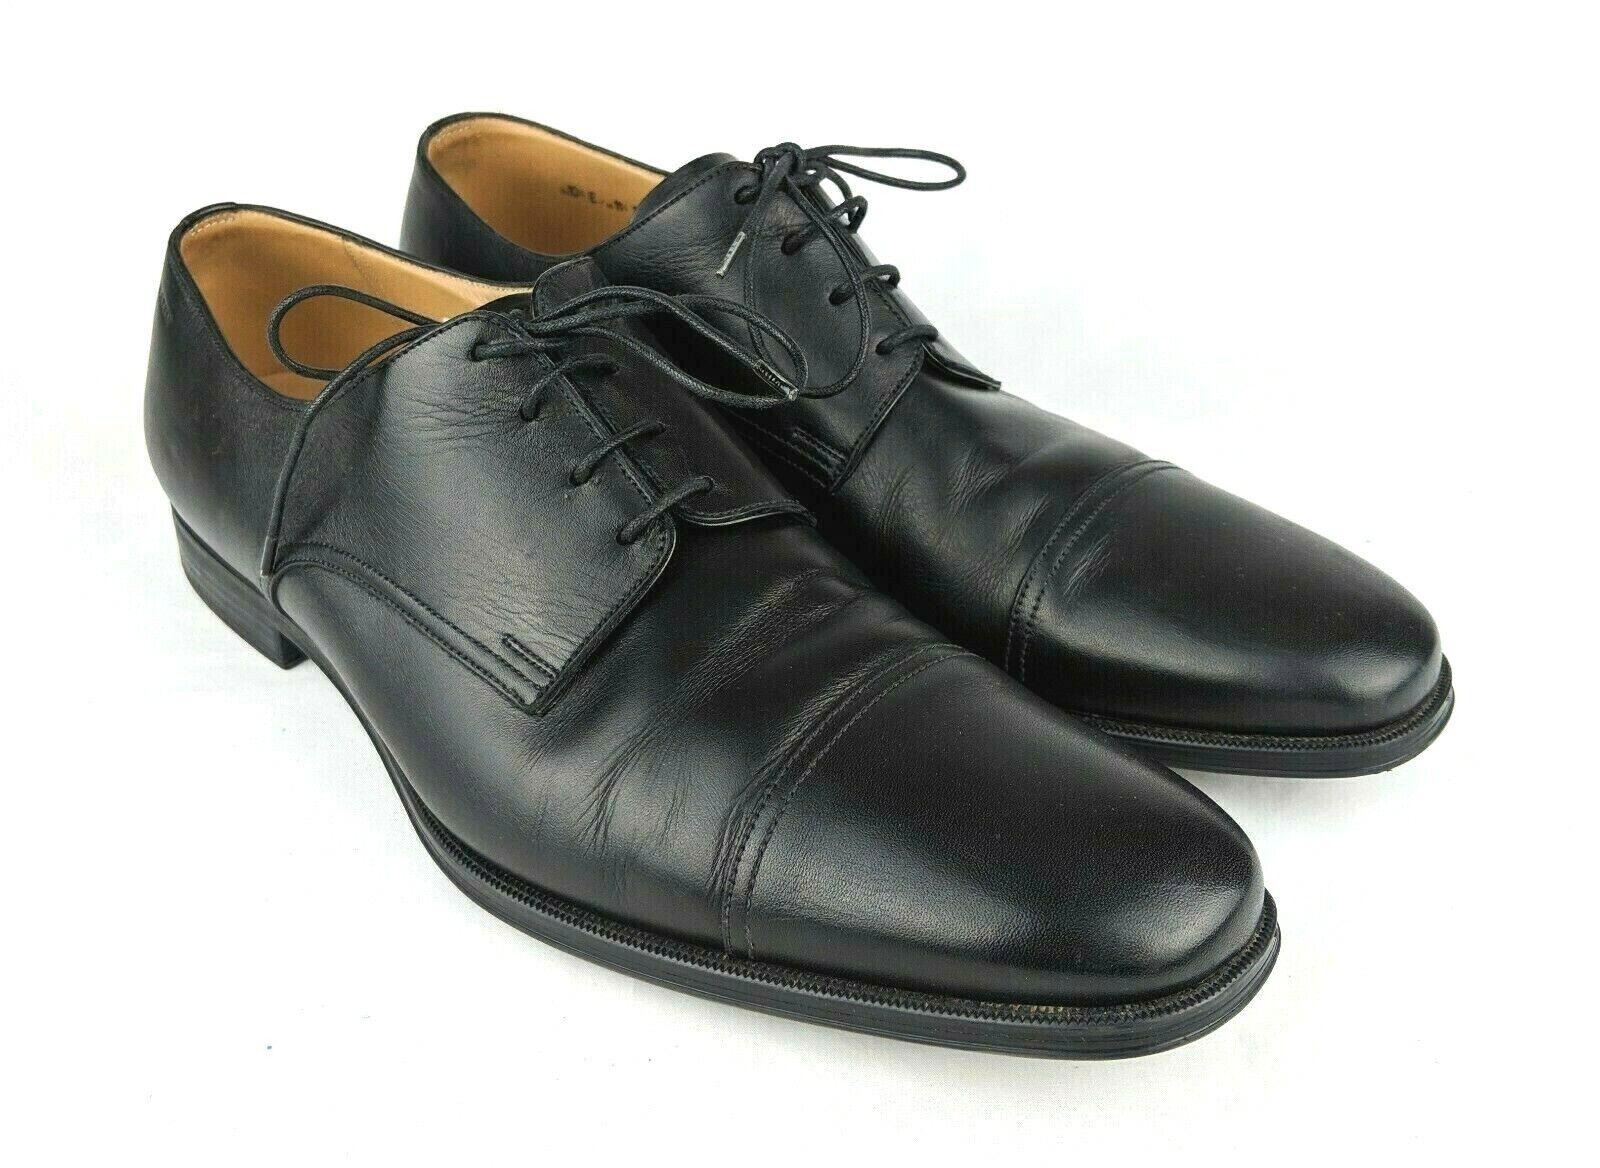 BALLY Tayson Black leather Cap toe Derby shoes Men's US 11.5 D Switzerland EUC